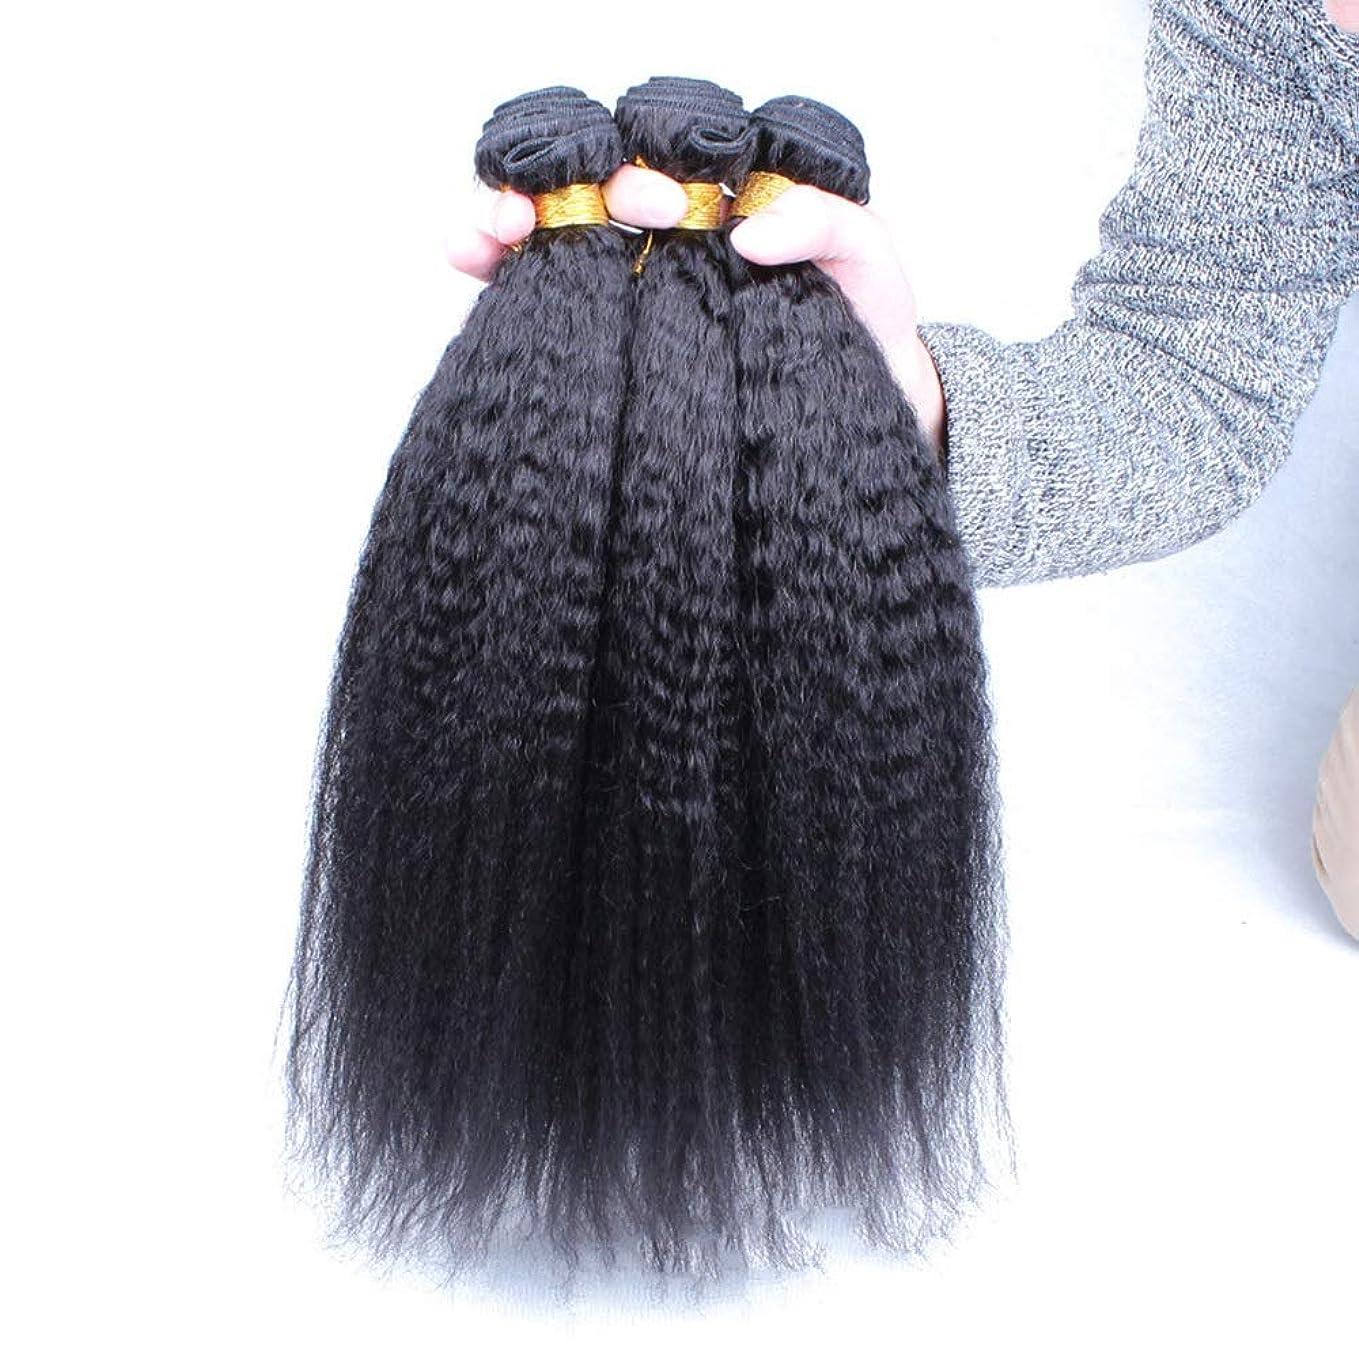 思い出す大きなスケールで見るとマングルIsikawan 焼きストレートヘア織り人毛100%エクステンションナチュラルブラックカラー(10インチ-24インチ)ブラジル人変態ストレート人間の髪の毛の束 (色 : ブラック, サイズ : 10 inch)